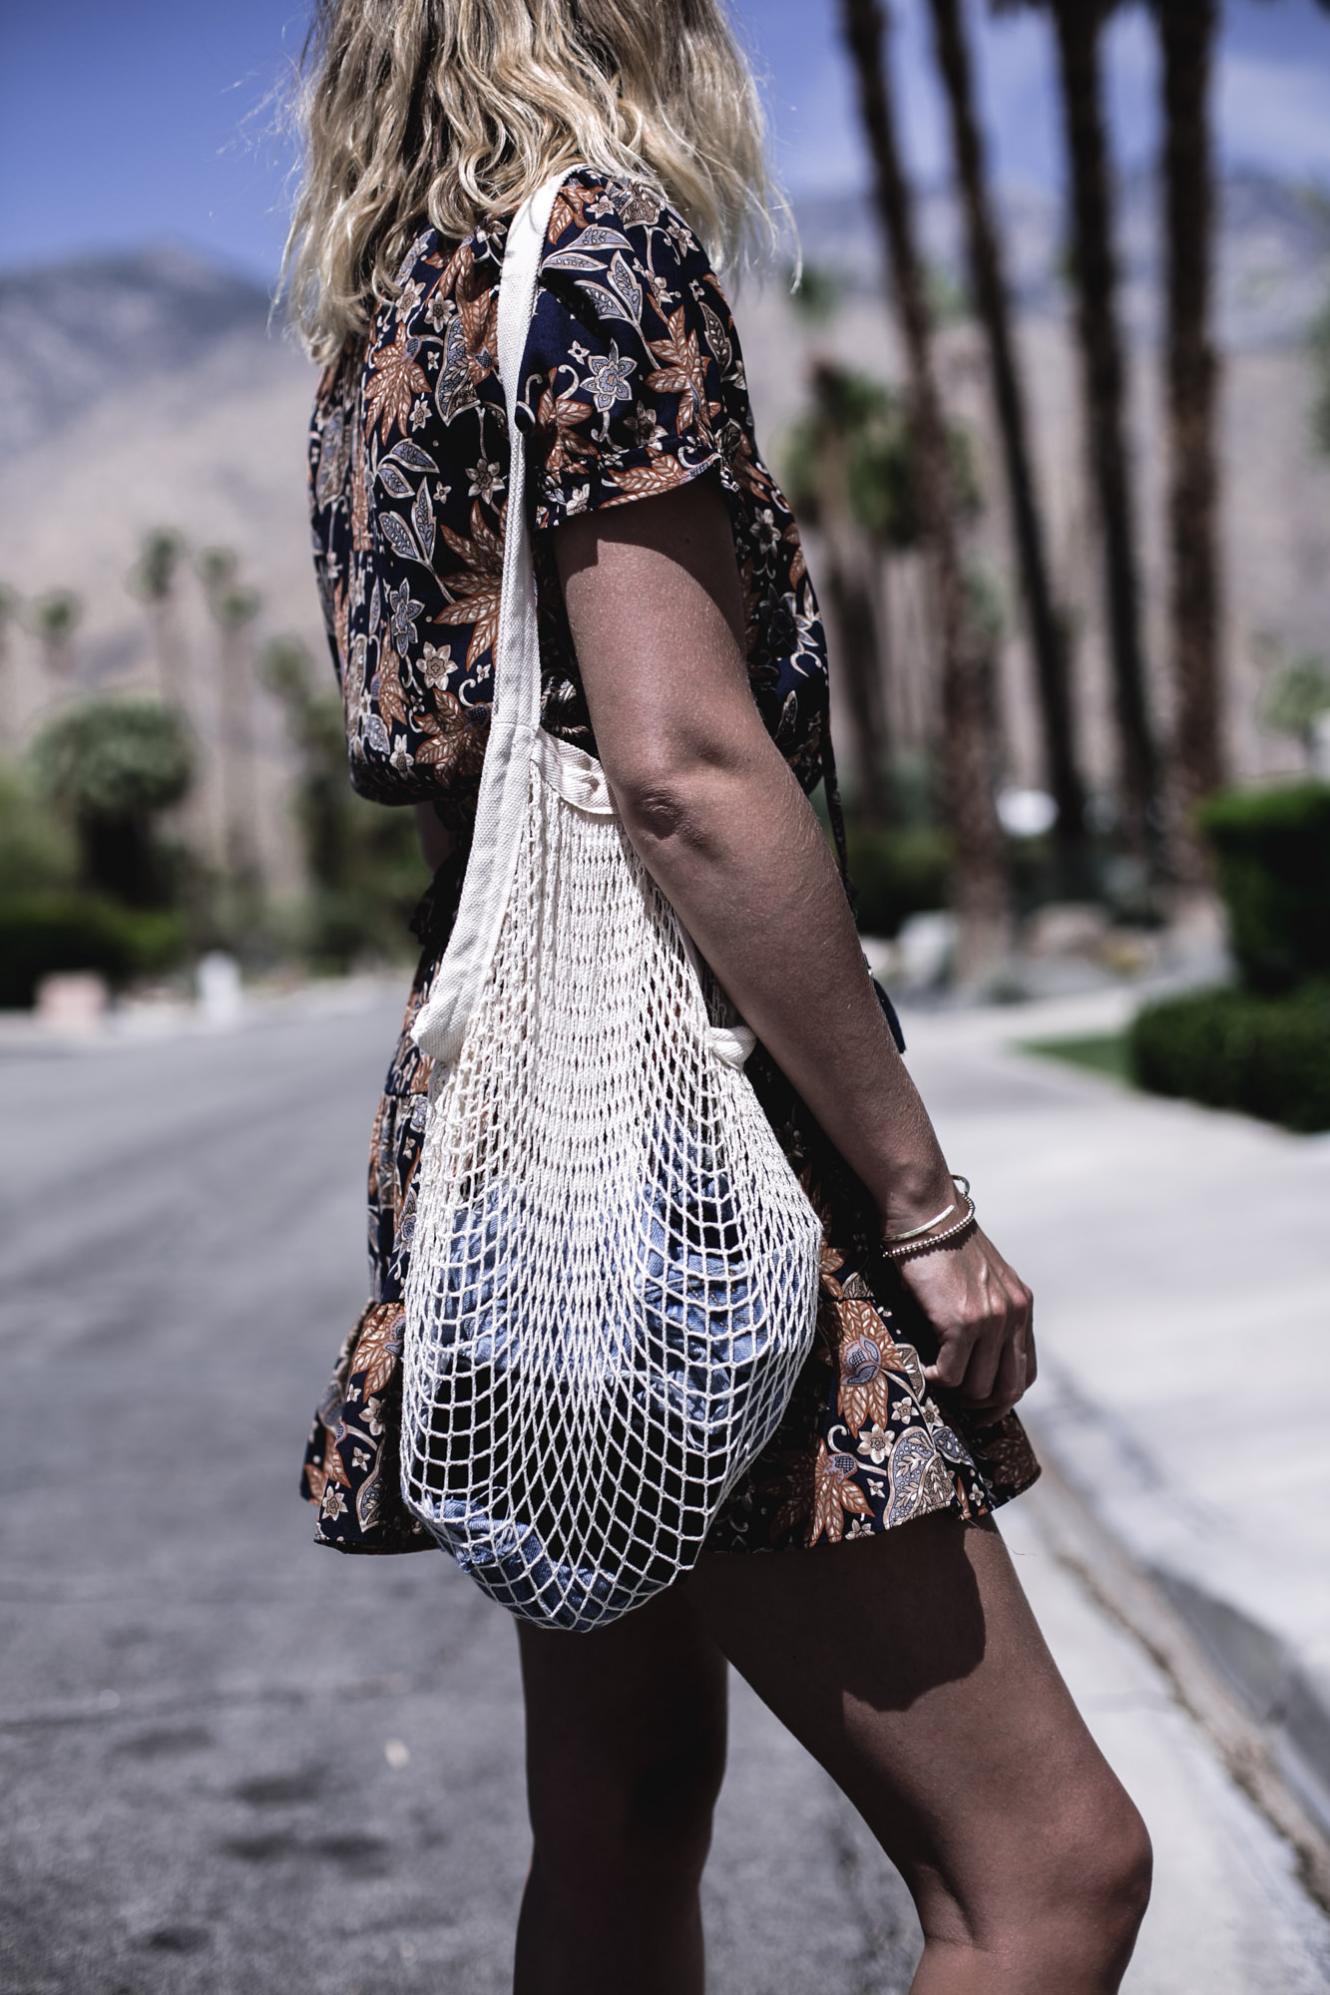 EJ Style | String net bag, orange and navy floral summer dress